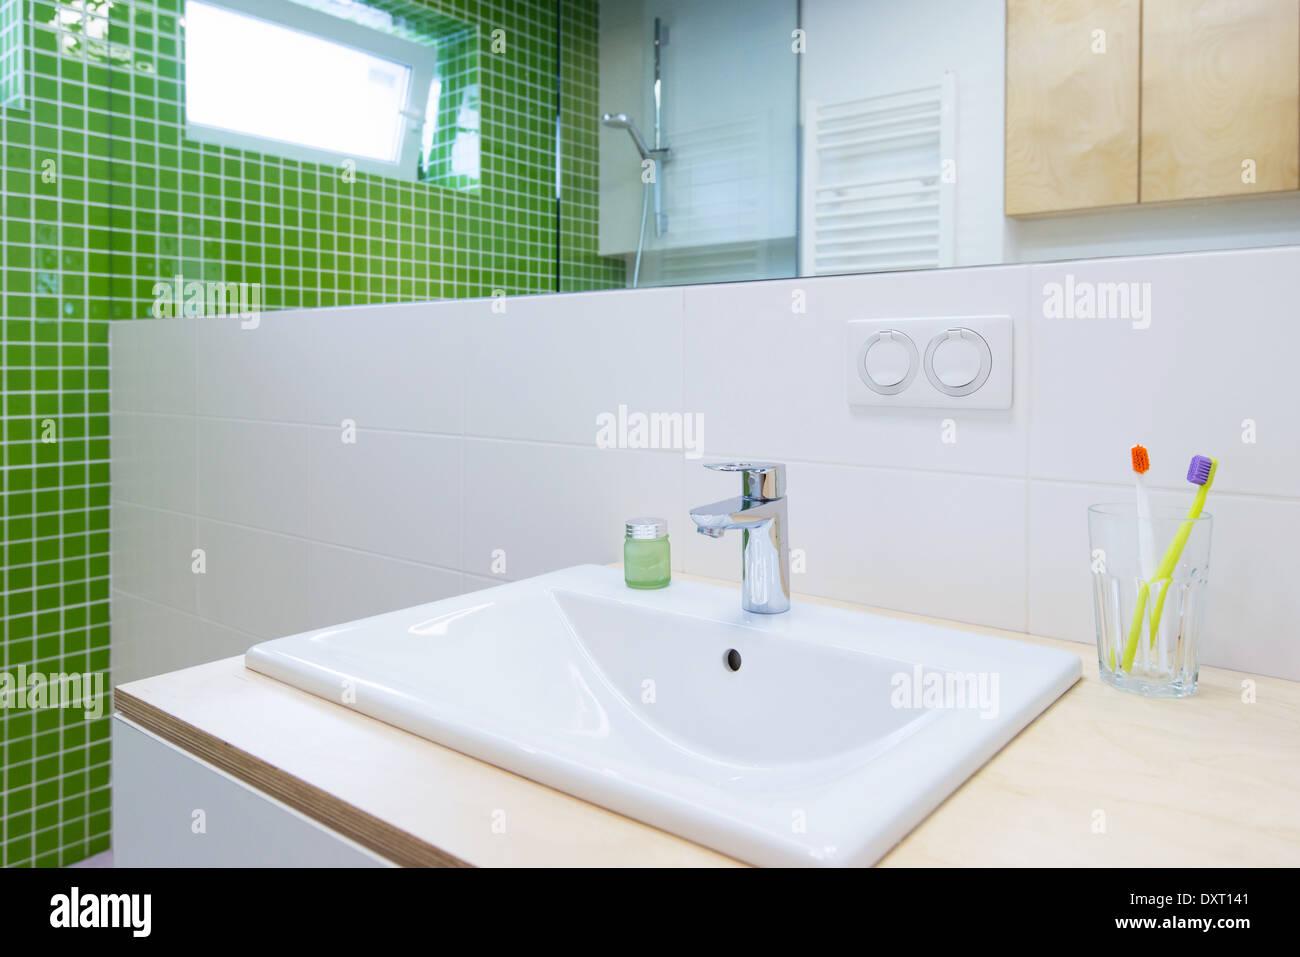 Lavandino con rubinetto nel bagno di colore verde foto immagine